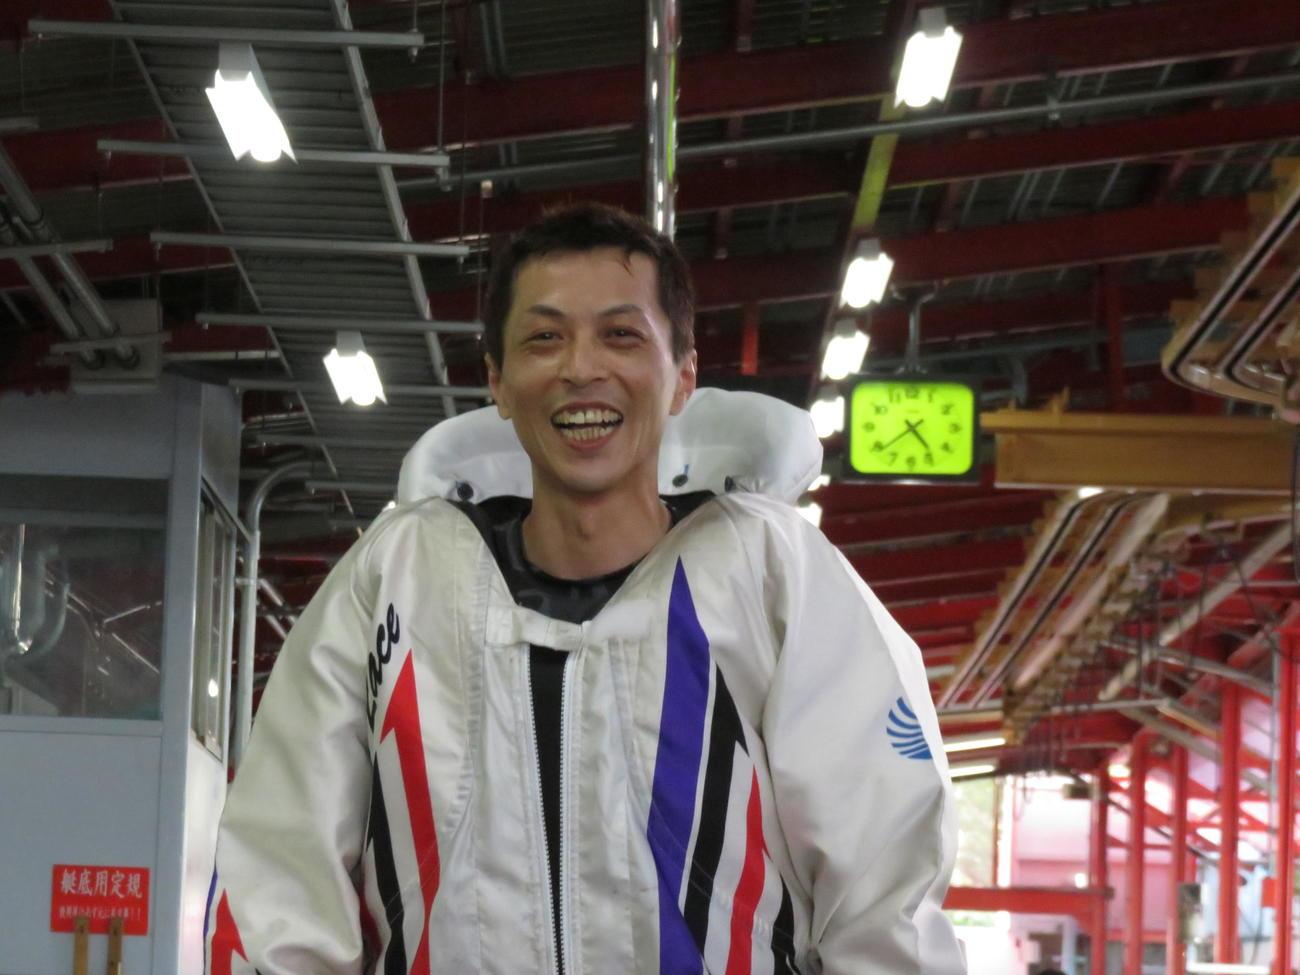 戸田9回目Vへ王手をかけた金田諭(撮影・窪寺伸行)